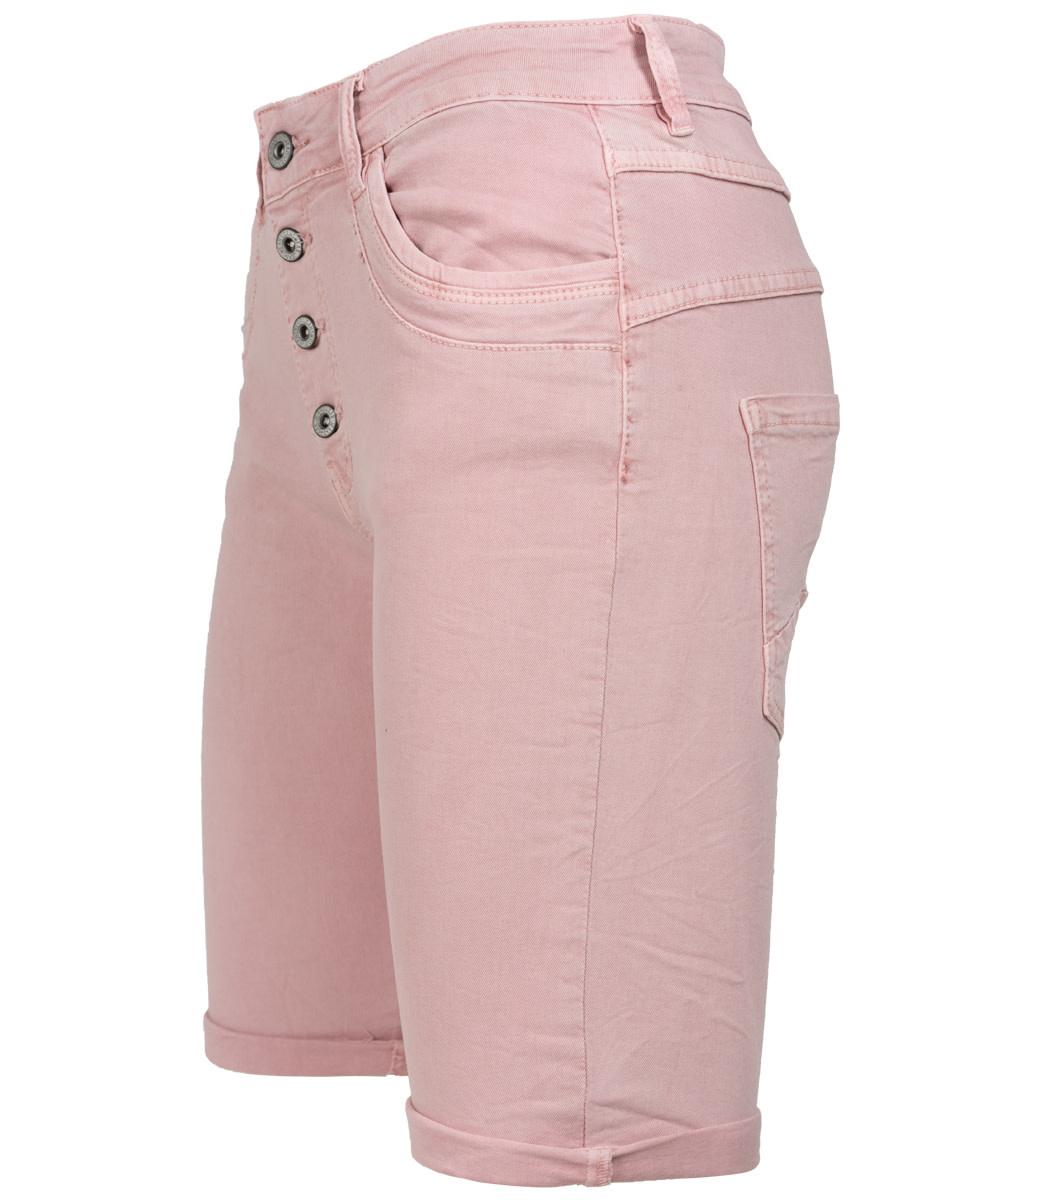 Gemma Ricceri Korte broek roze Eef